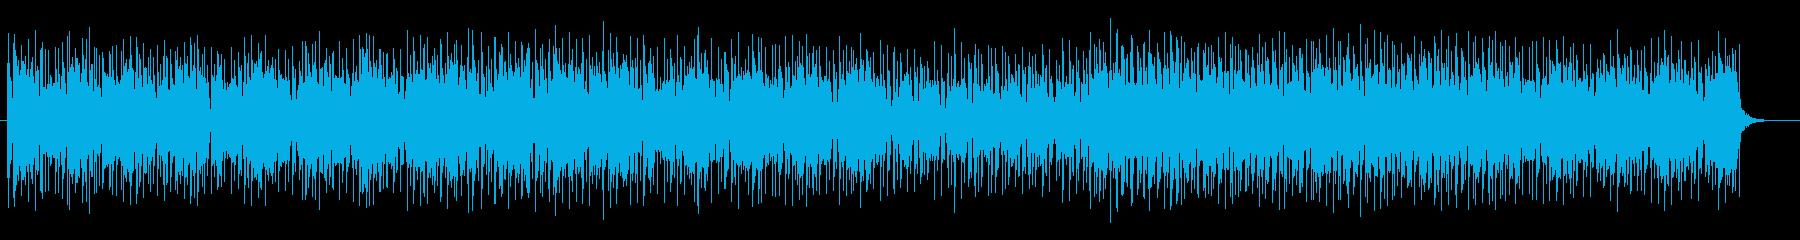 宇宙感のあるシンセサイザーサウンドの再生済みの波形